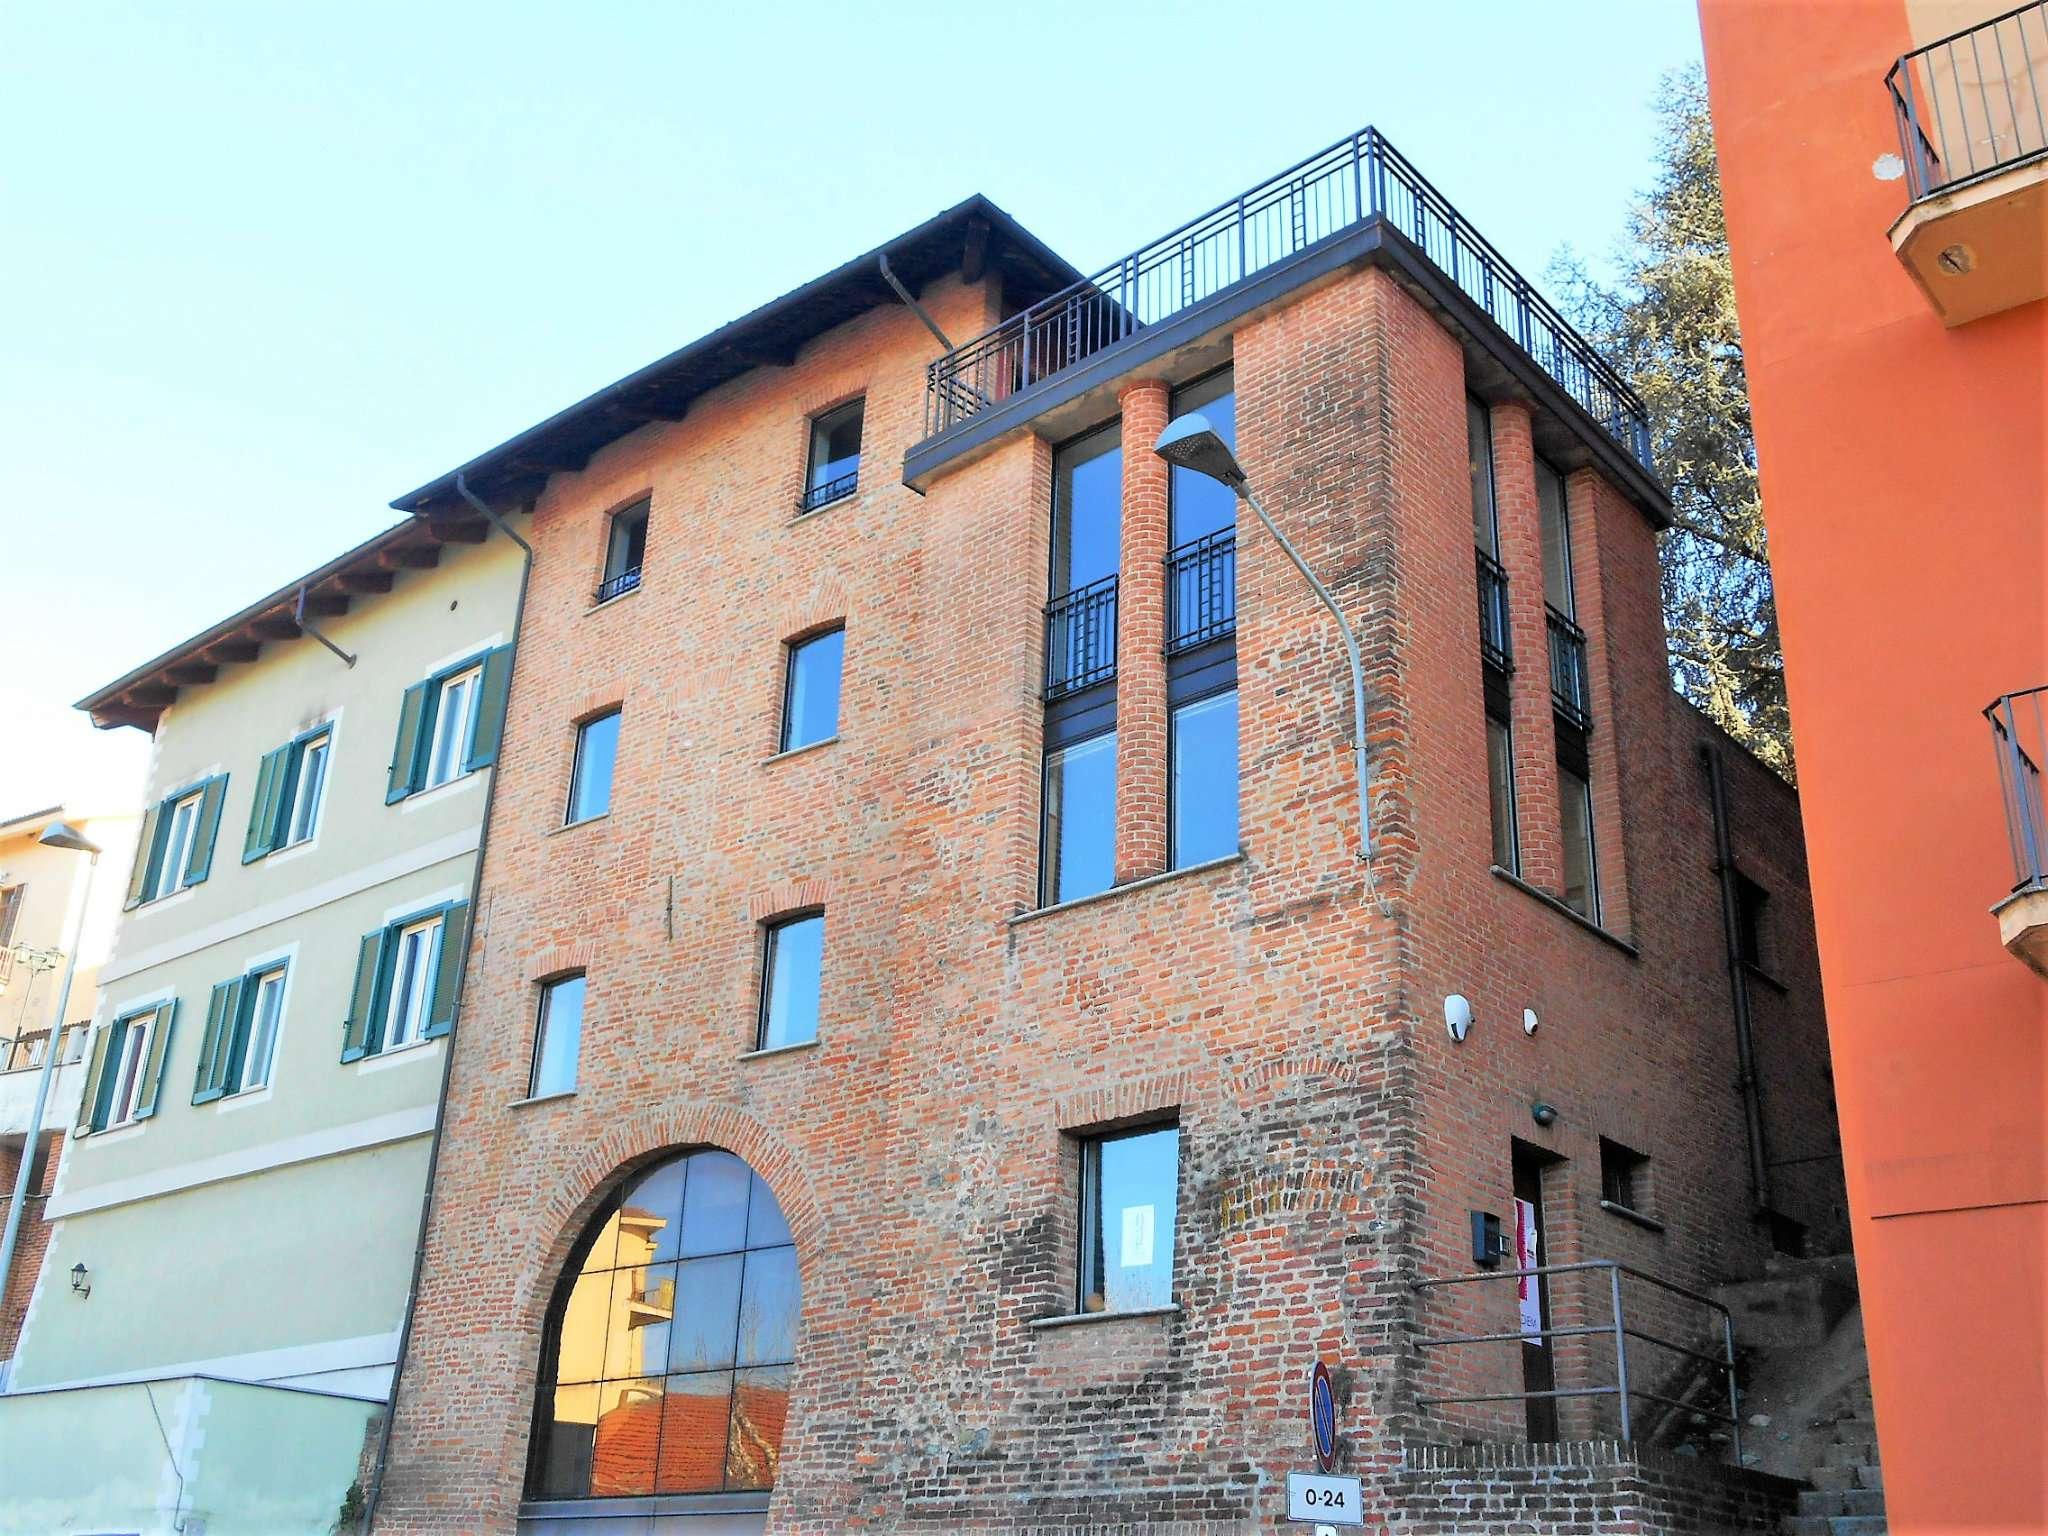 Ufficio / Studio in affitto a Moncalieri, 2 locali, prezzo € 400 | CambioCasa.it